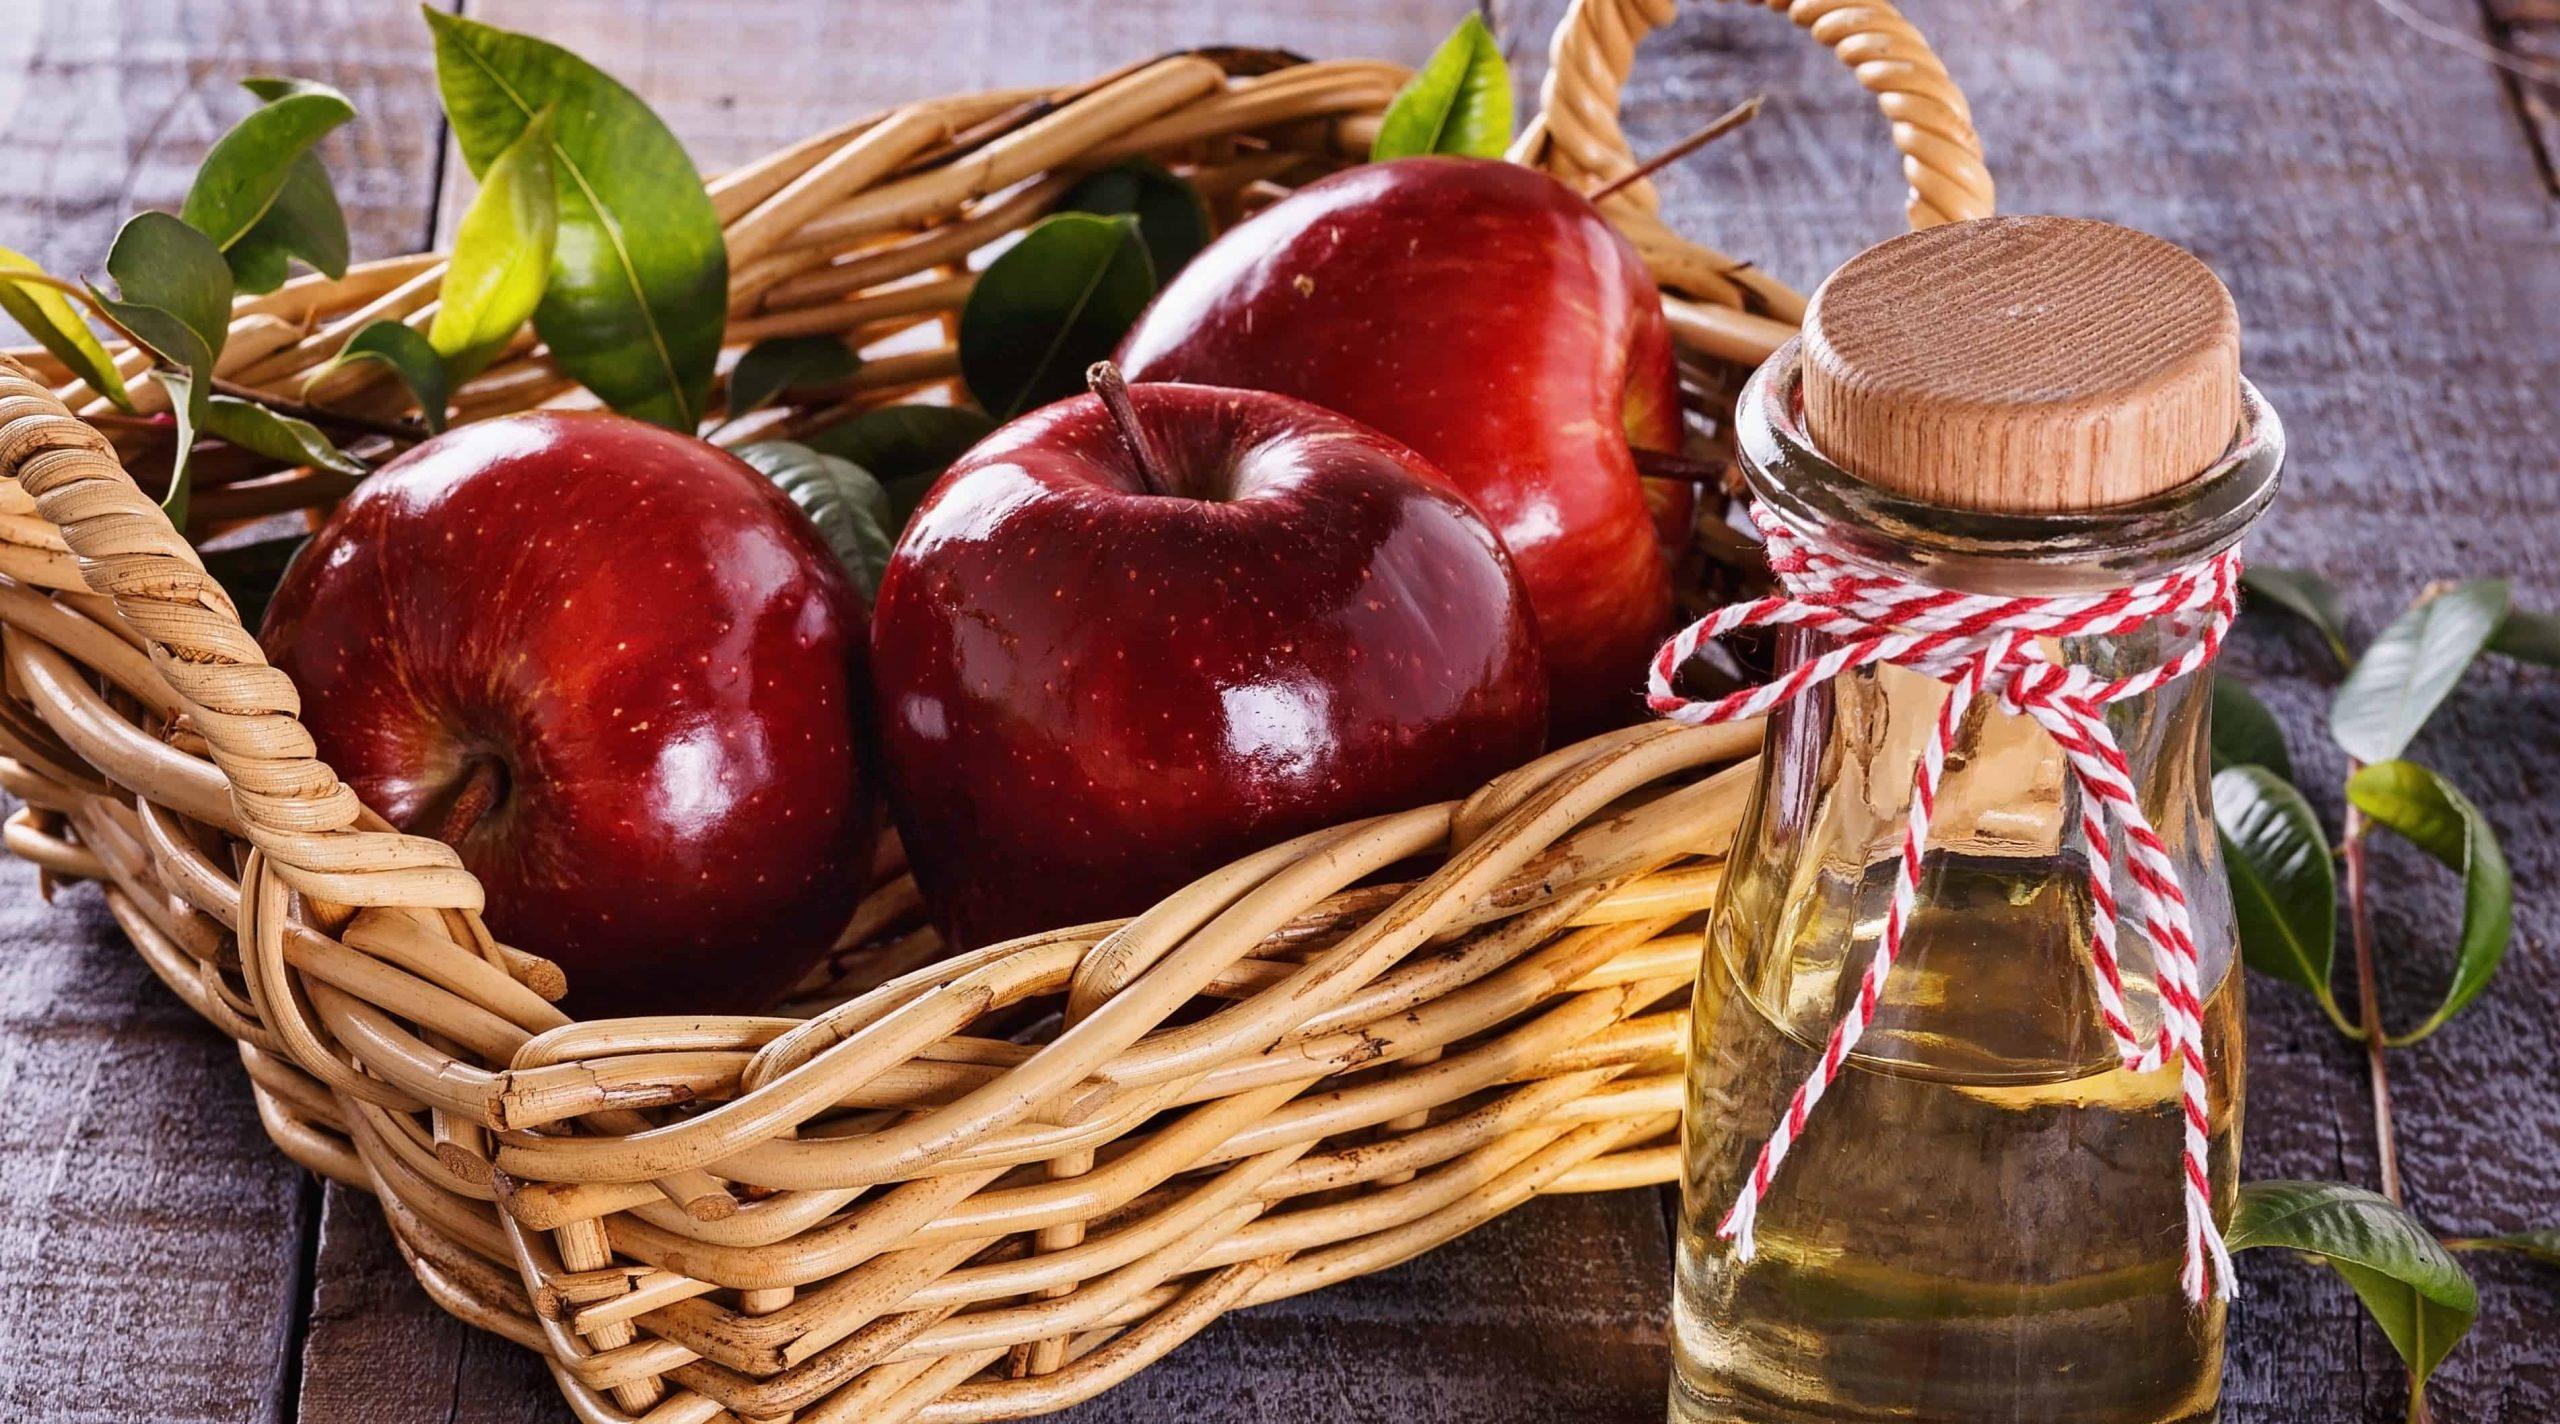 el vinagre de manzana es bueno para la próstata